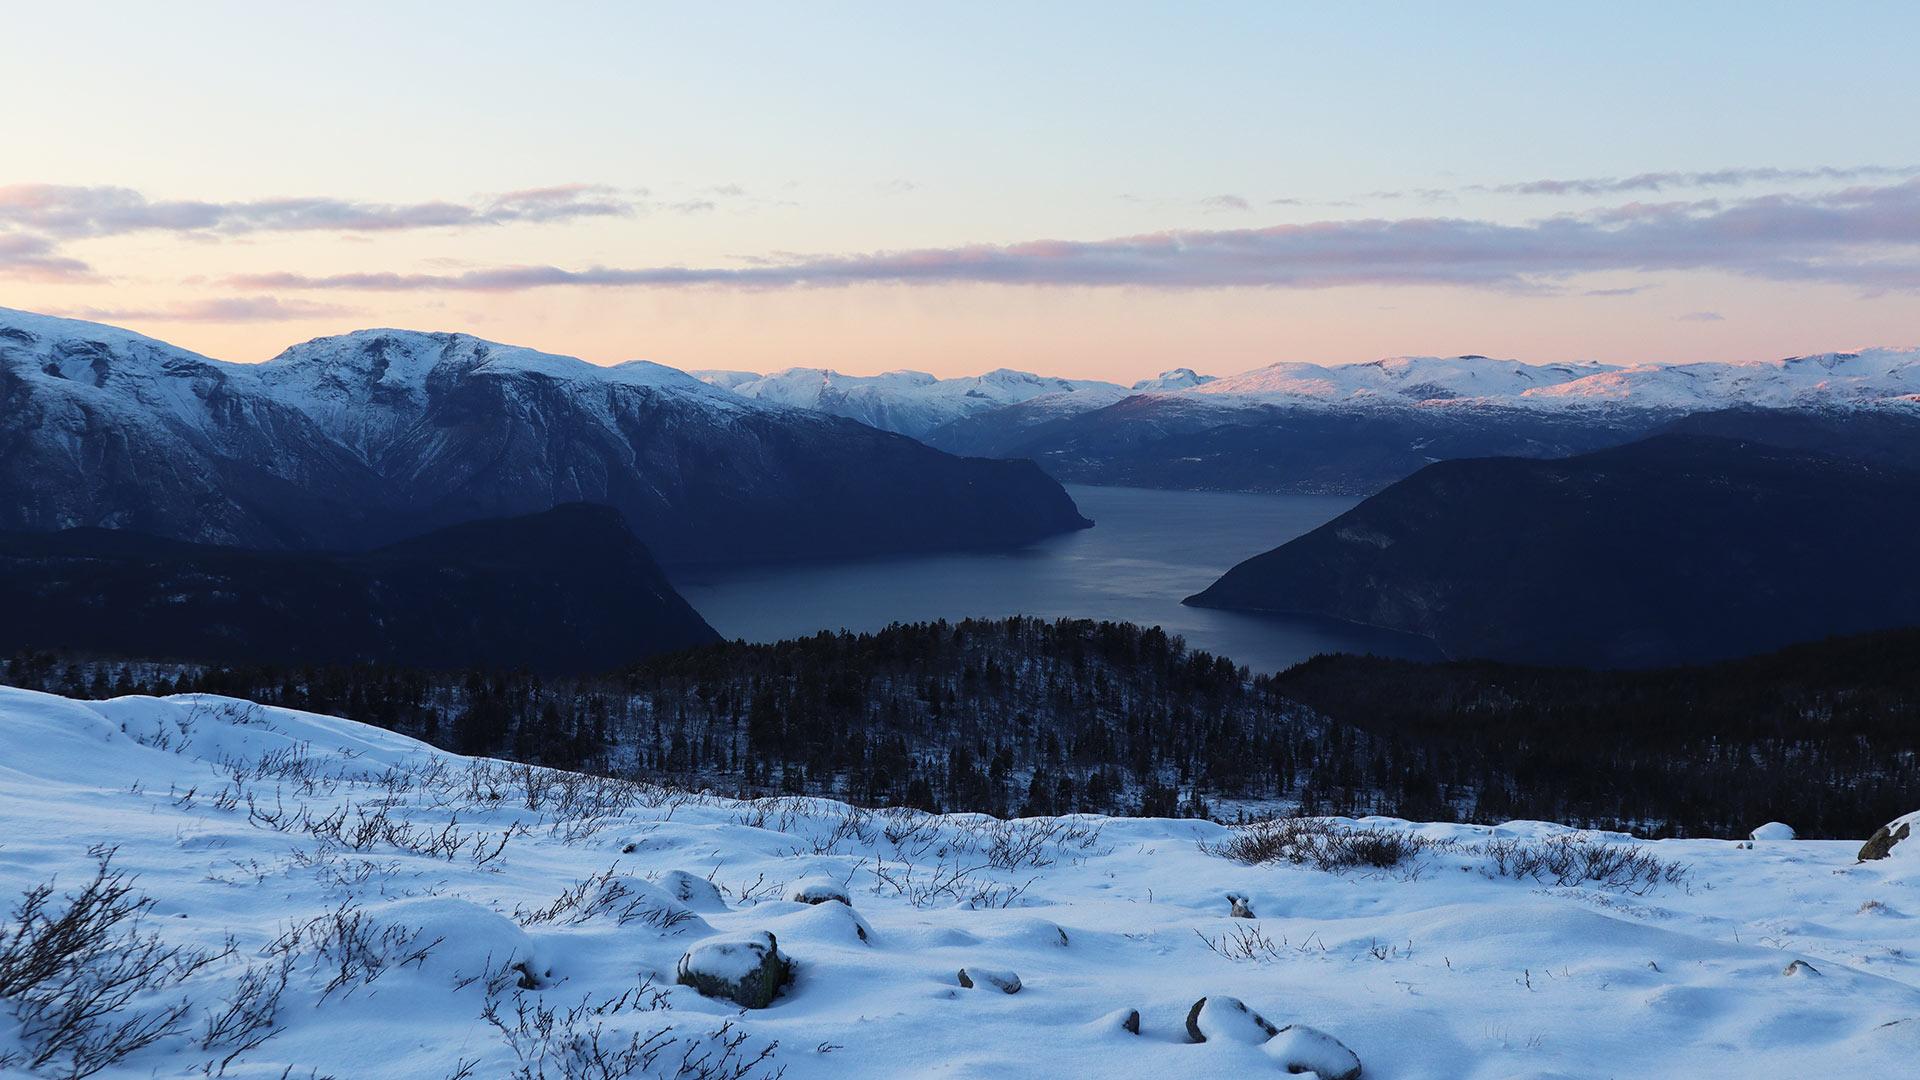 Winter, Blick auf Fjorde und Berge.